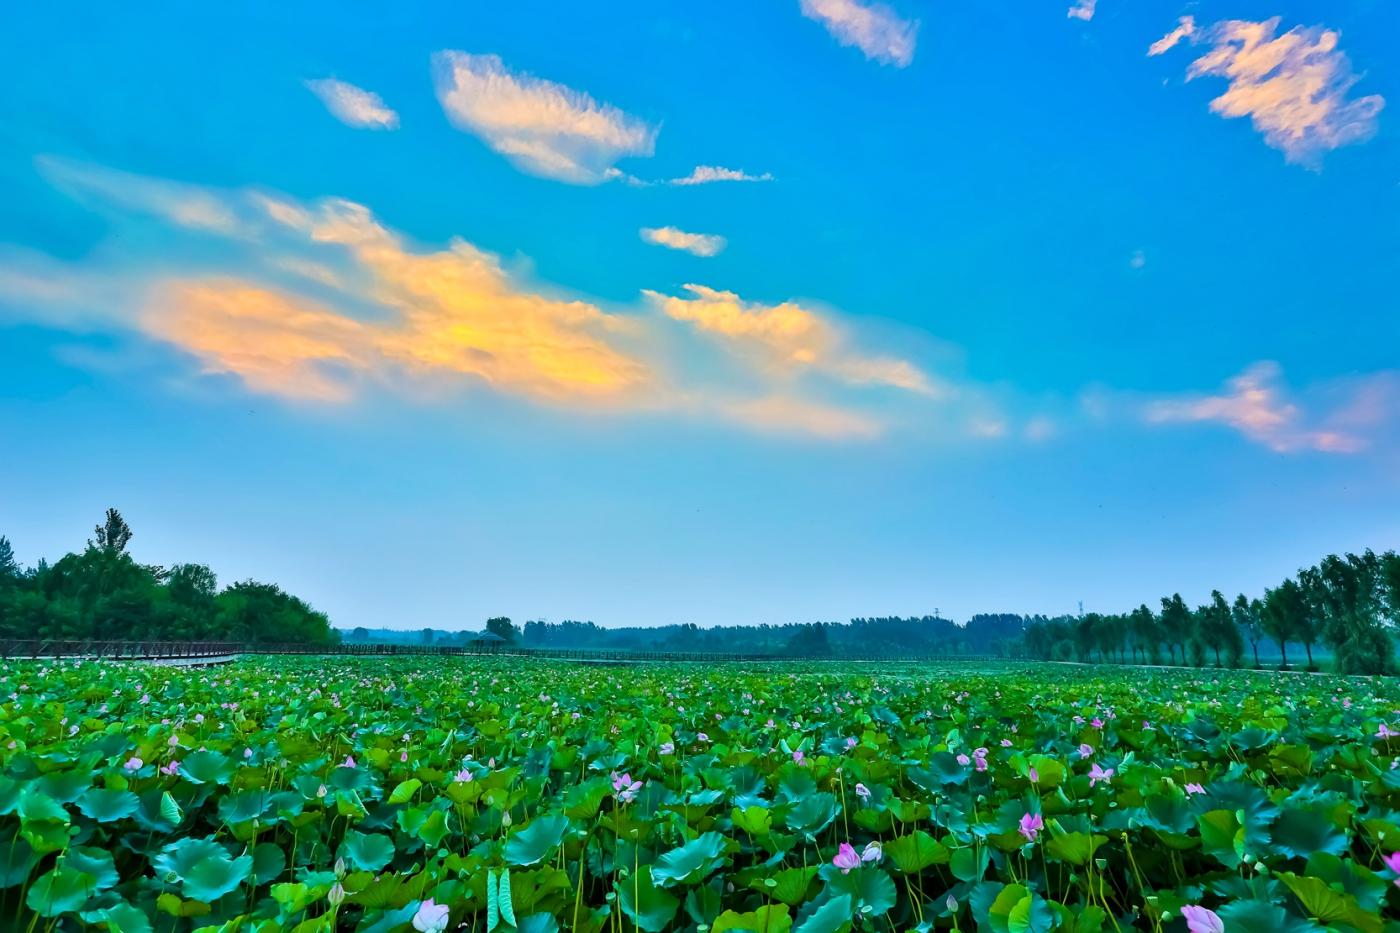 早晨的祥云印照下的临沂黄山武河湿地红荷园_图1-3